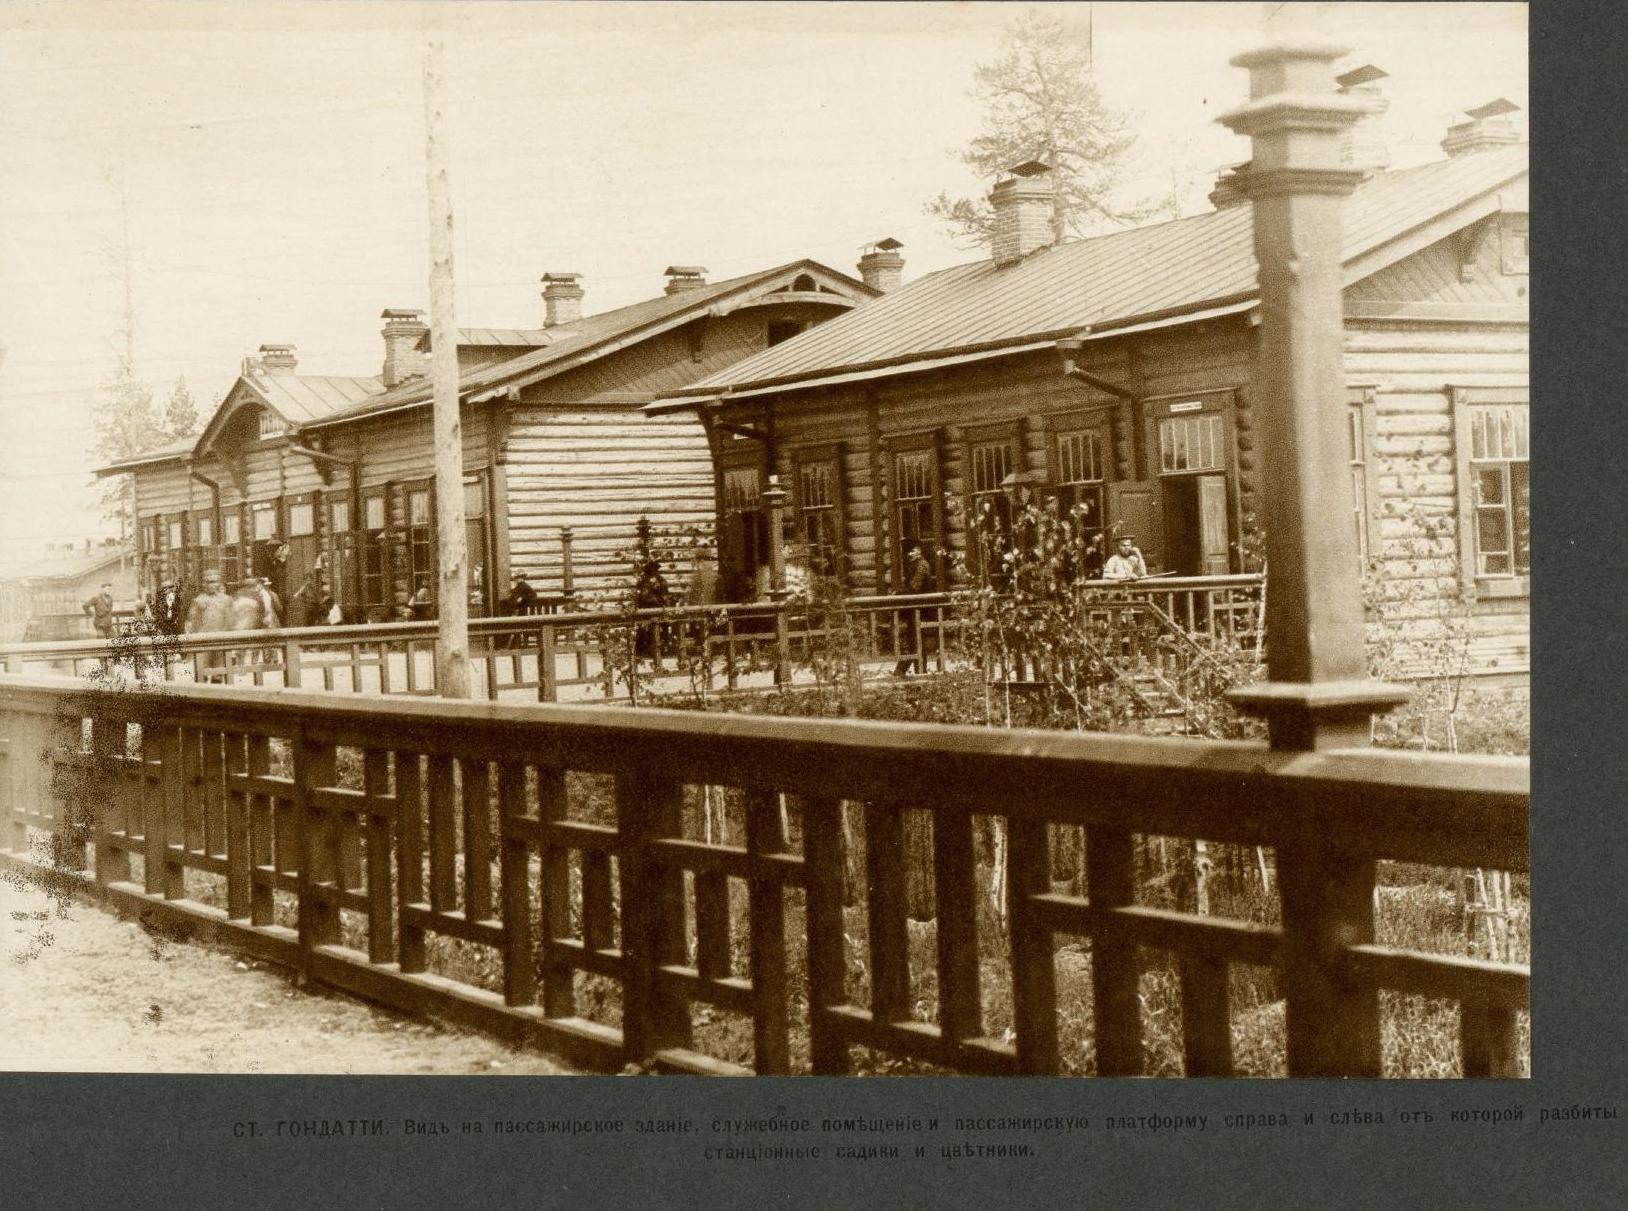 347 верста. Станция Гондатти. Вид на пассажирское здание, служебное помещение и пассажирскую платформу, справа и слева от которой разбиты станционные садики и цветники